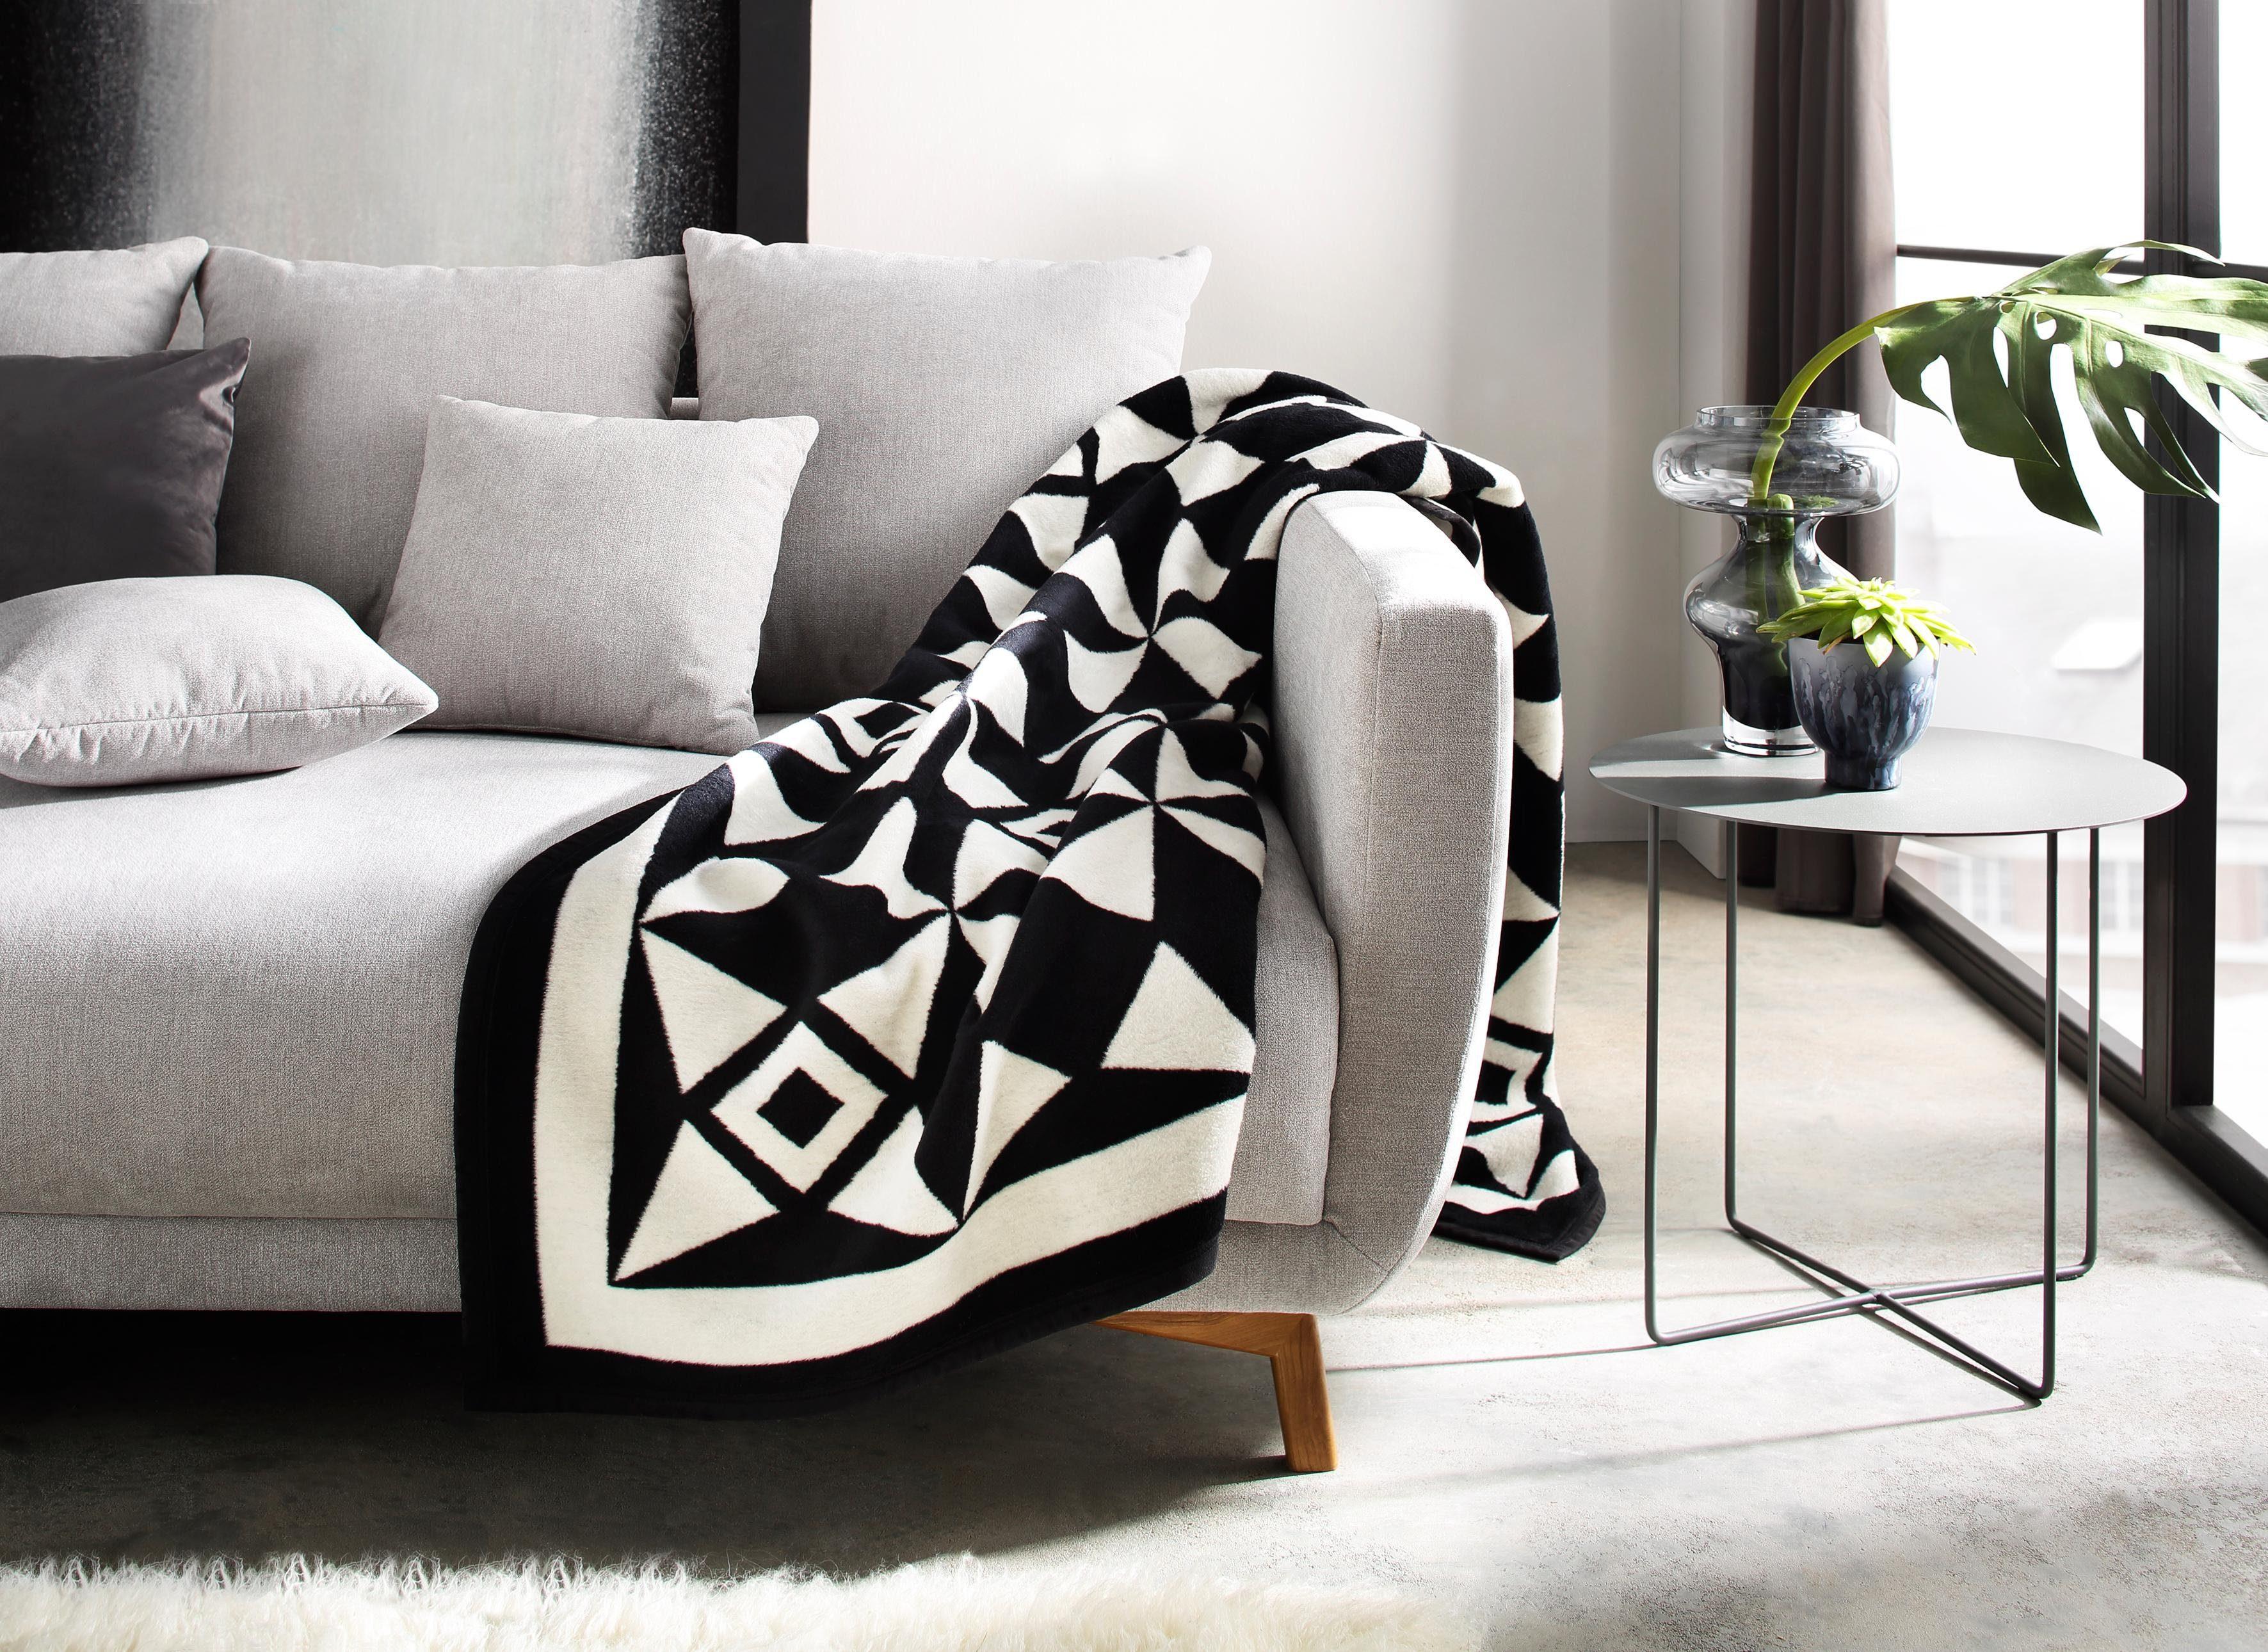 Wohndecke »Lissabon«, Guido Maria Kretschmer Home&Living, hochwertiges Jacquard-Design in Wendeoptik